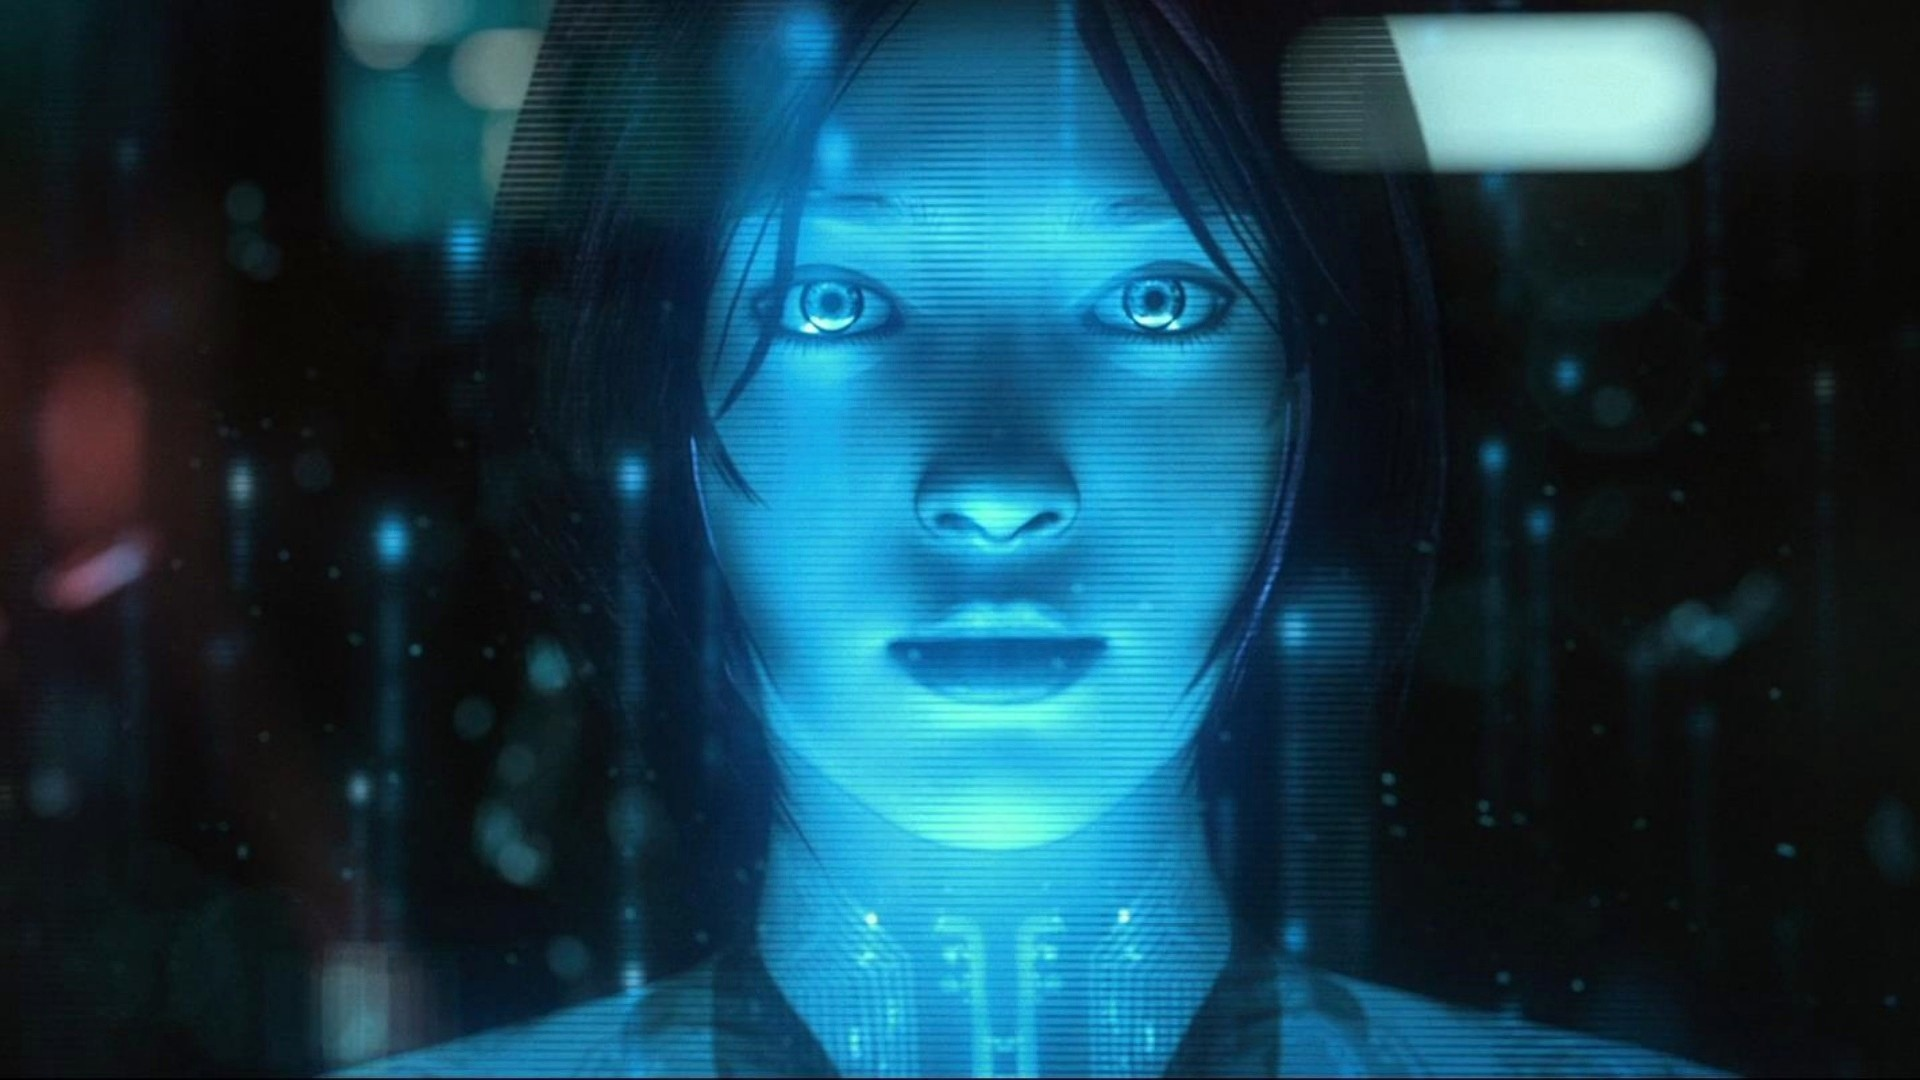 《光环》电视影集Cortana一角将由原配音员扮演